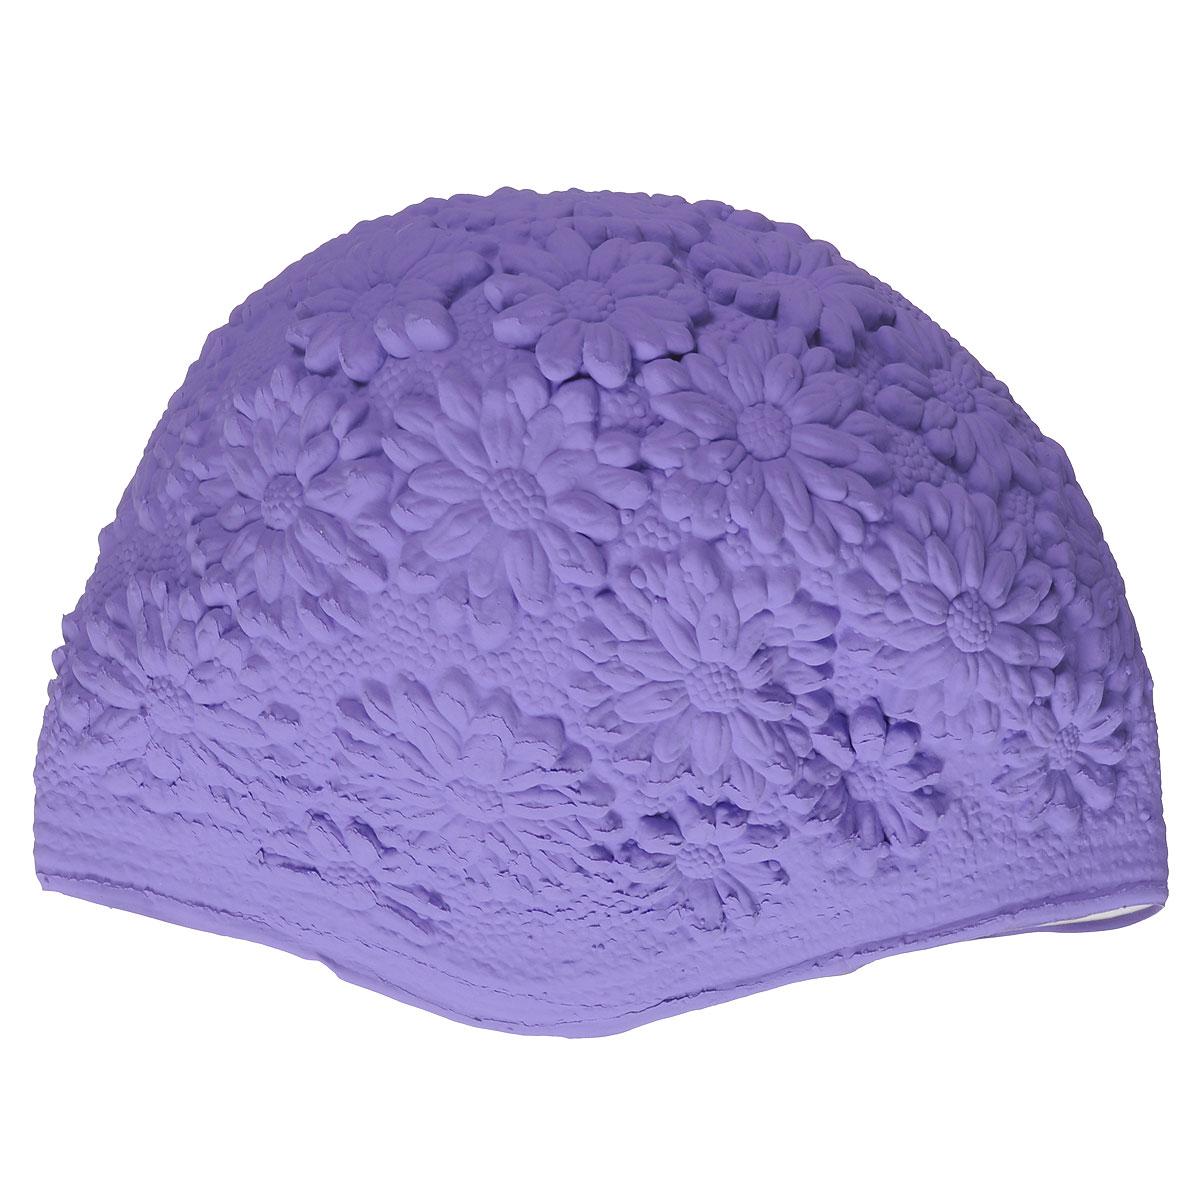 Шапочка для плавания MadWave Hawaii Chrysanthemum, женская, цвет: пурпурныйM0517 02 0 21WЛатексная шапочка для плавания MadWave Hawaii Chrysanthemum декорирована цветочным рельефом. Имеет превосходную эластичность и высокий уровень комфорта. Высококачественный материал обеспечивает долгий срок службы. Пузырьковая поверхность уменьшает площадь соприкосновения с волосами. Обхват головы: 53 см.